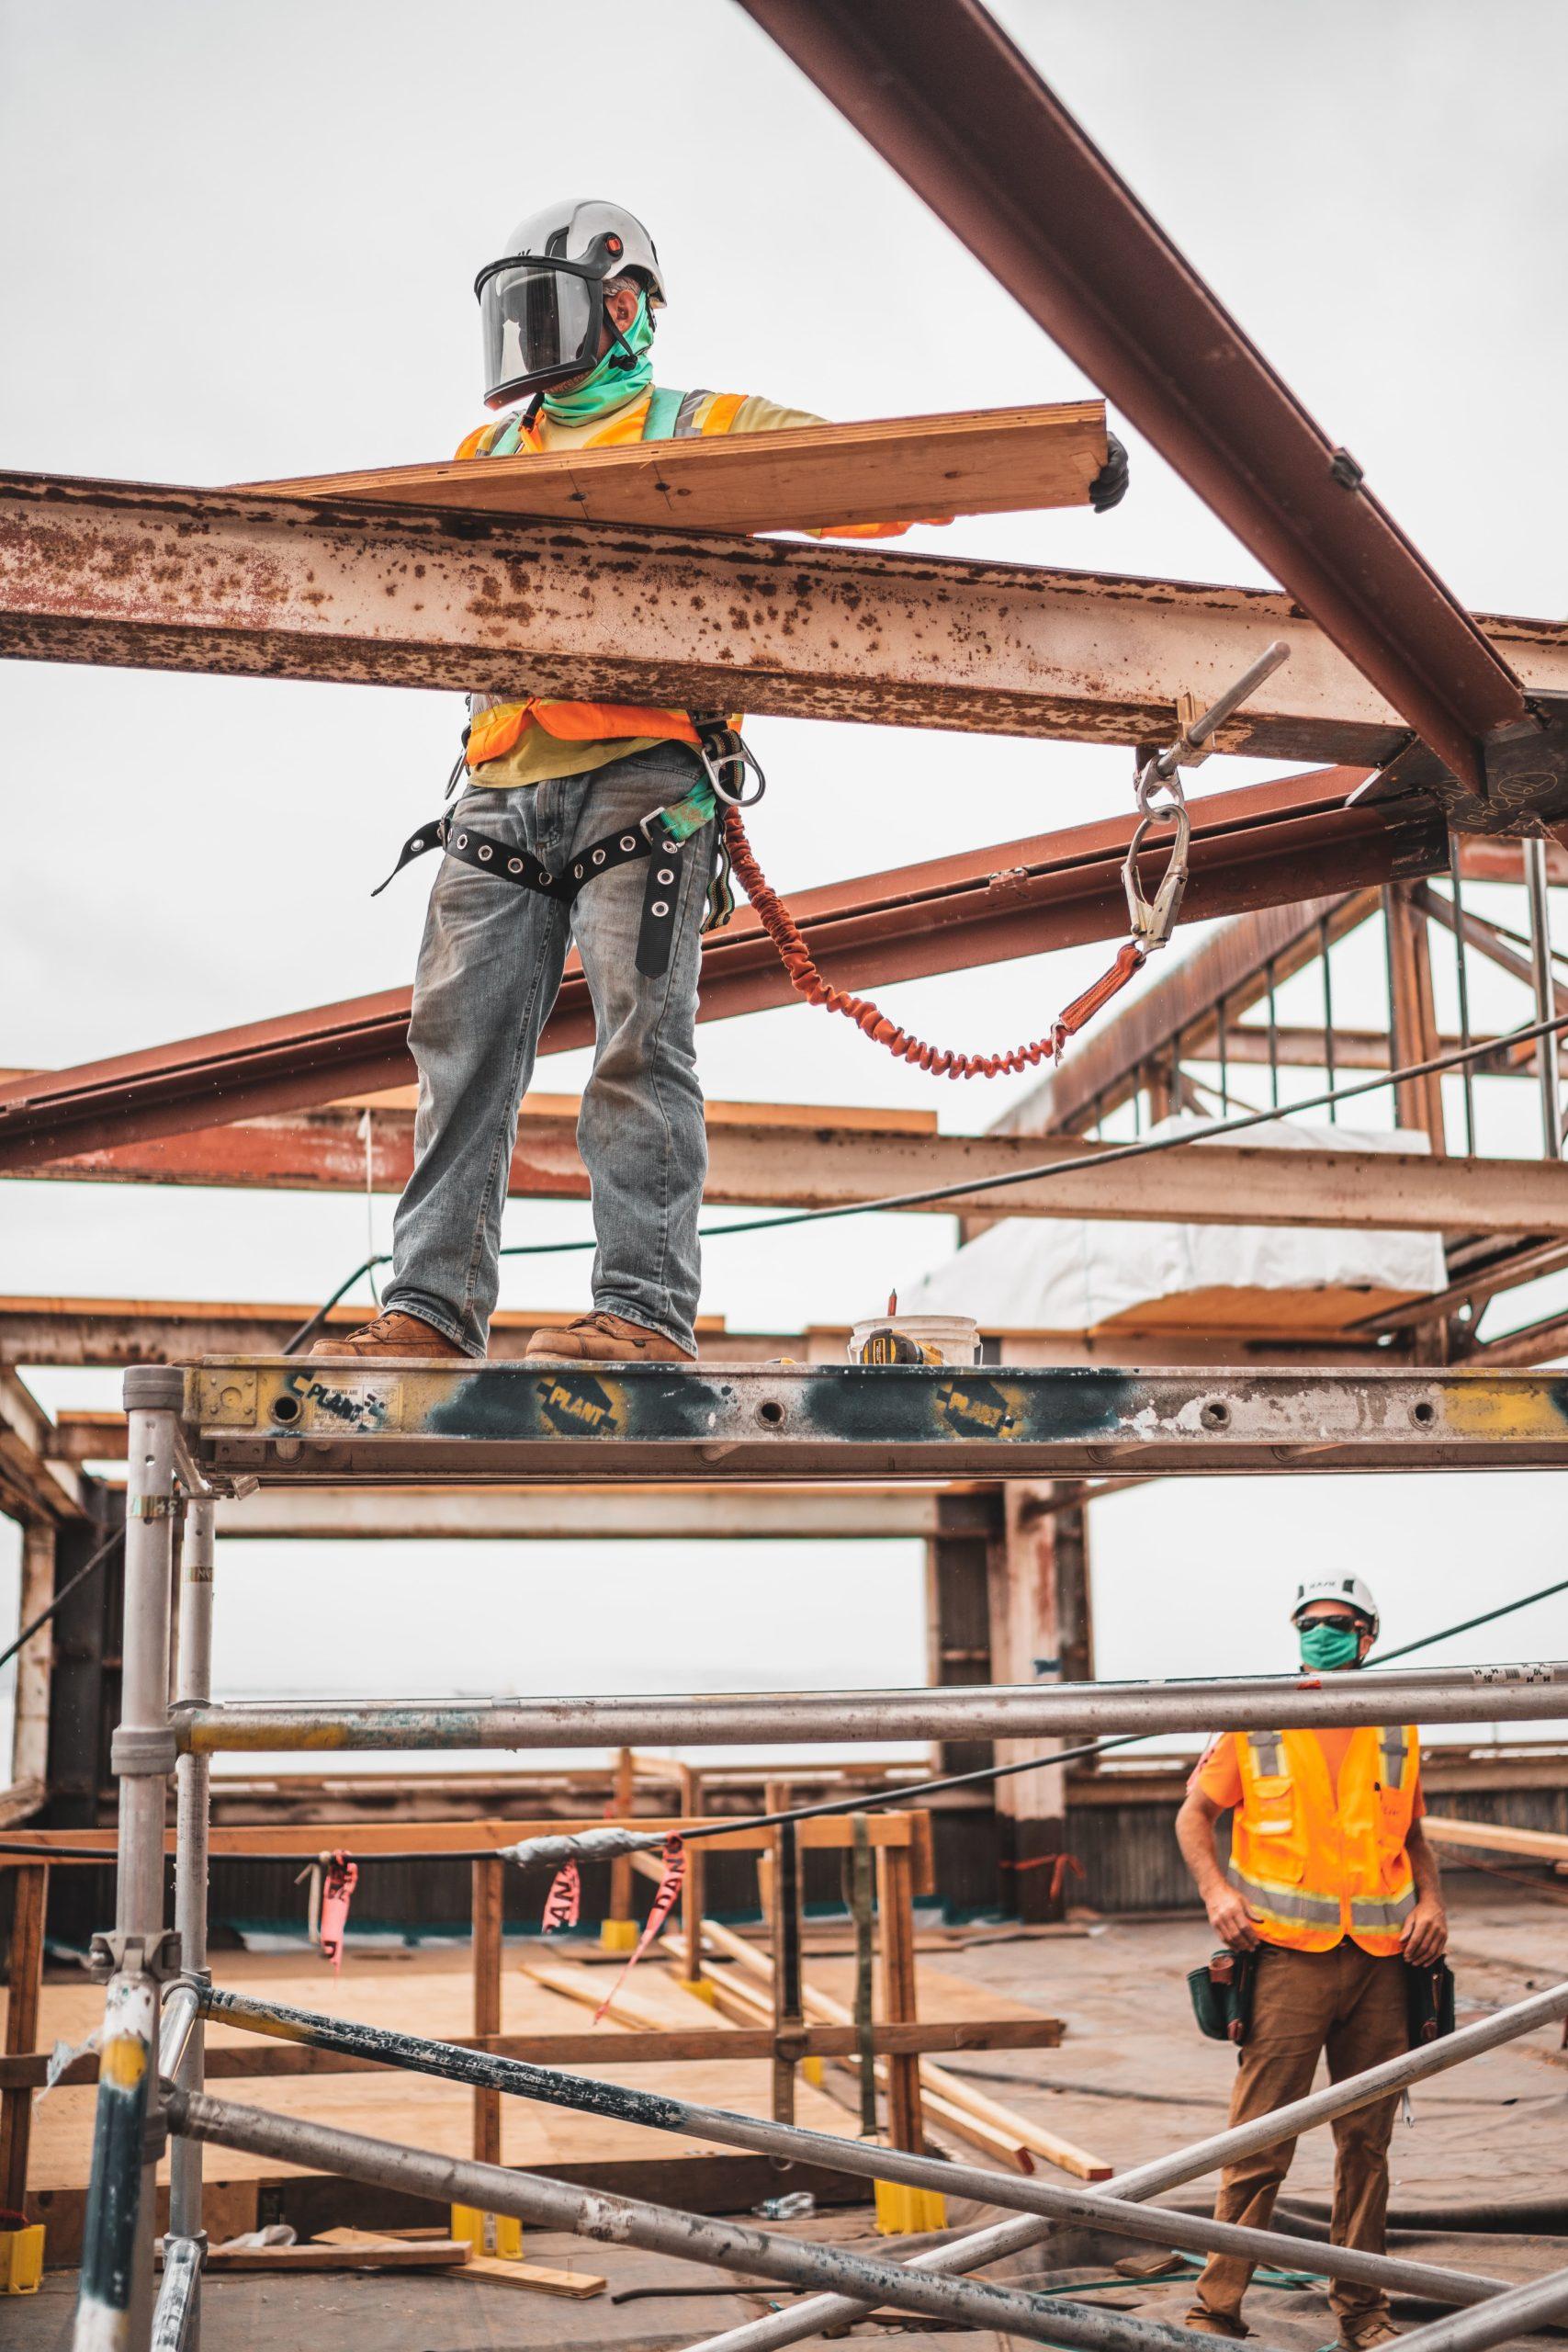 Cтроительство зданий из металлоконструкций, Строительство металлического каркаса, ПМстрой